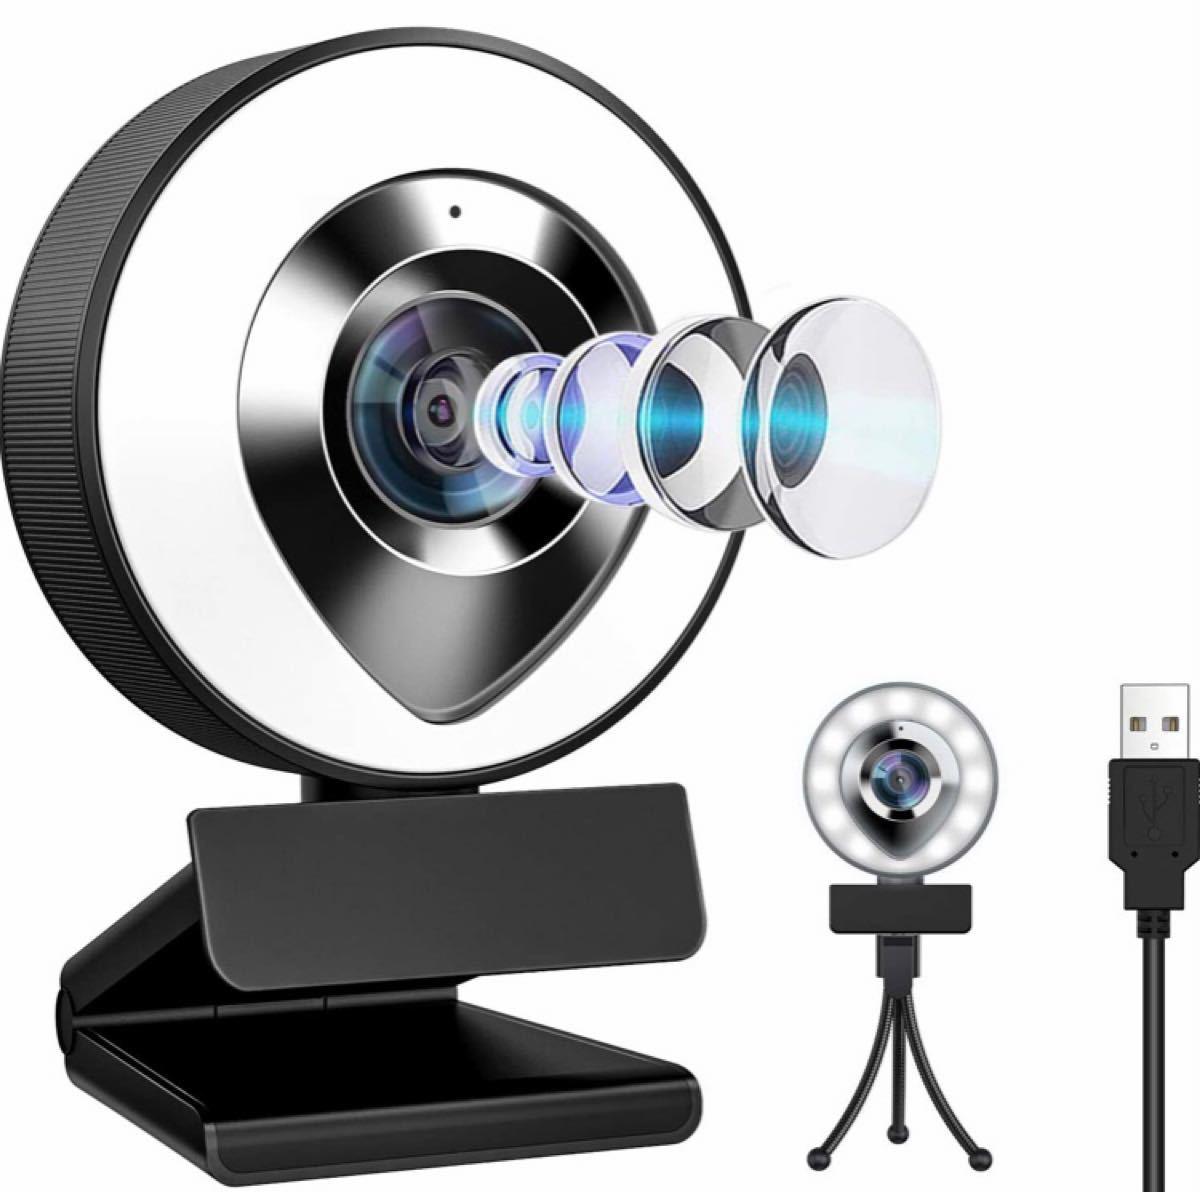 ウェブカメラ LEDライト フルHD 1080P 30FPS 高画質 200万画素 webカメラ デュアルマイク内蔵